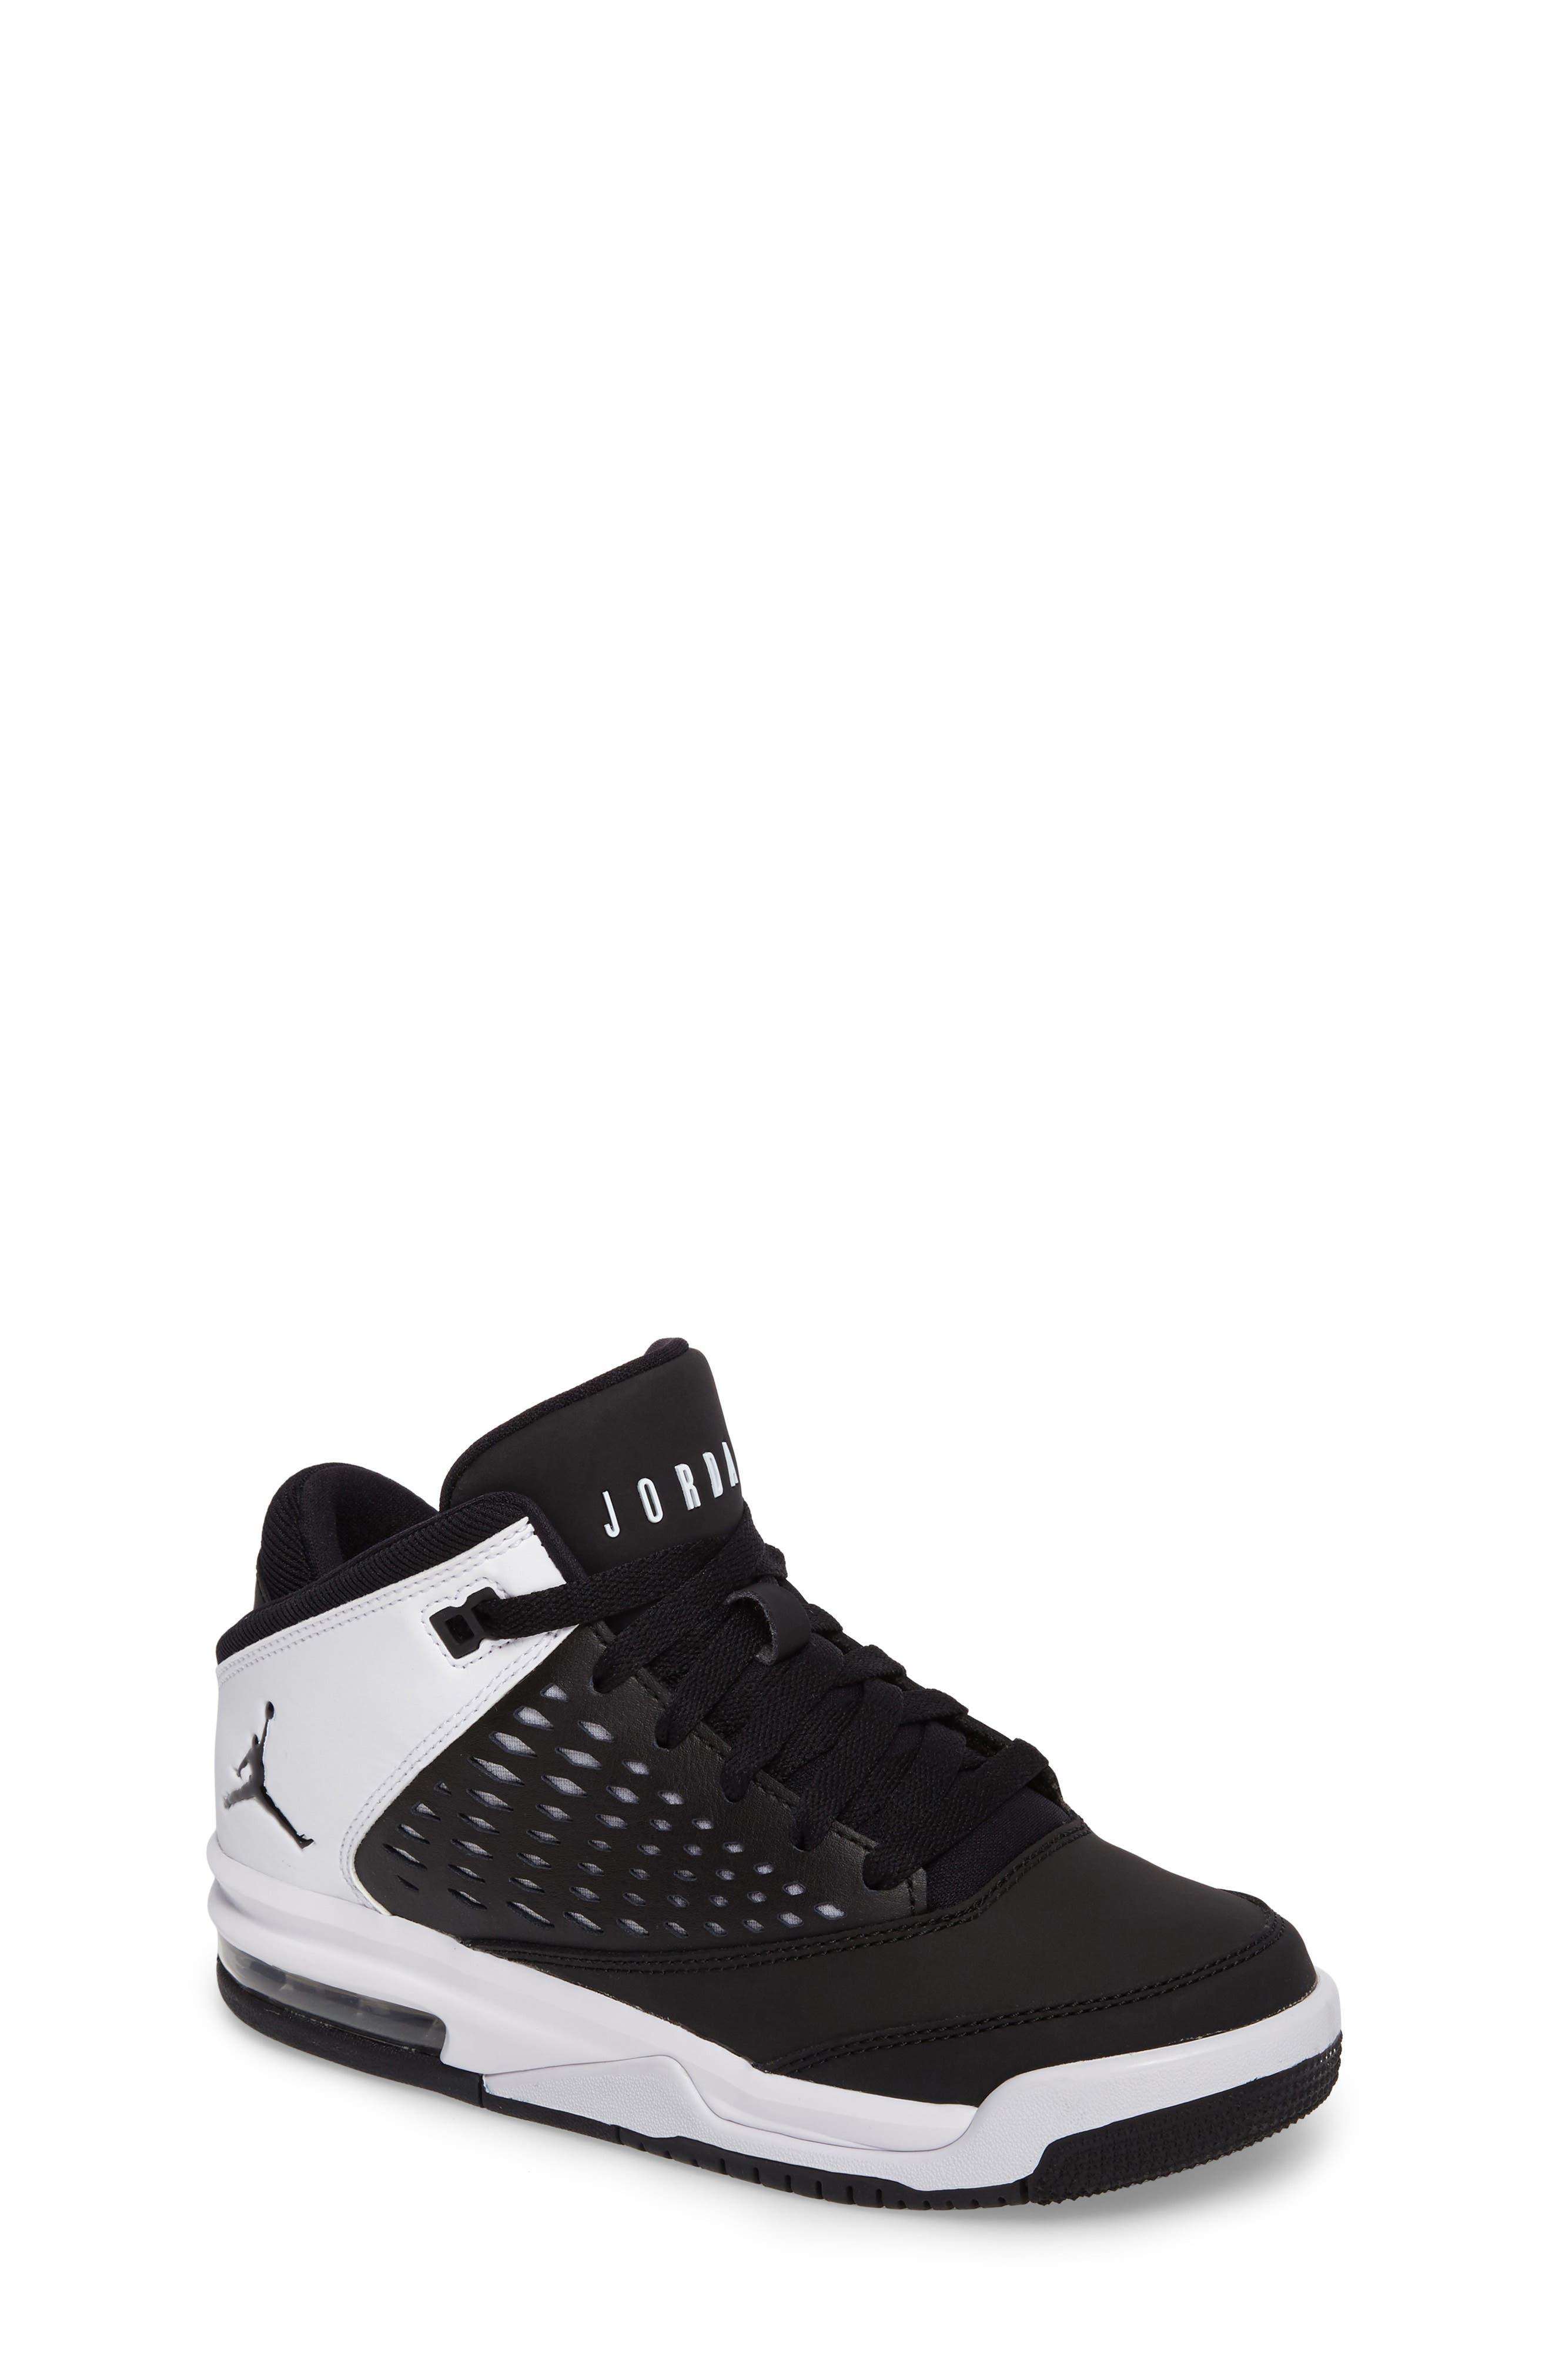 Main Image - Nike Jordan Flight Origin Sneaker (Big Kid)